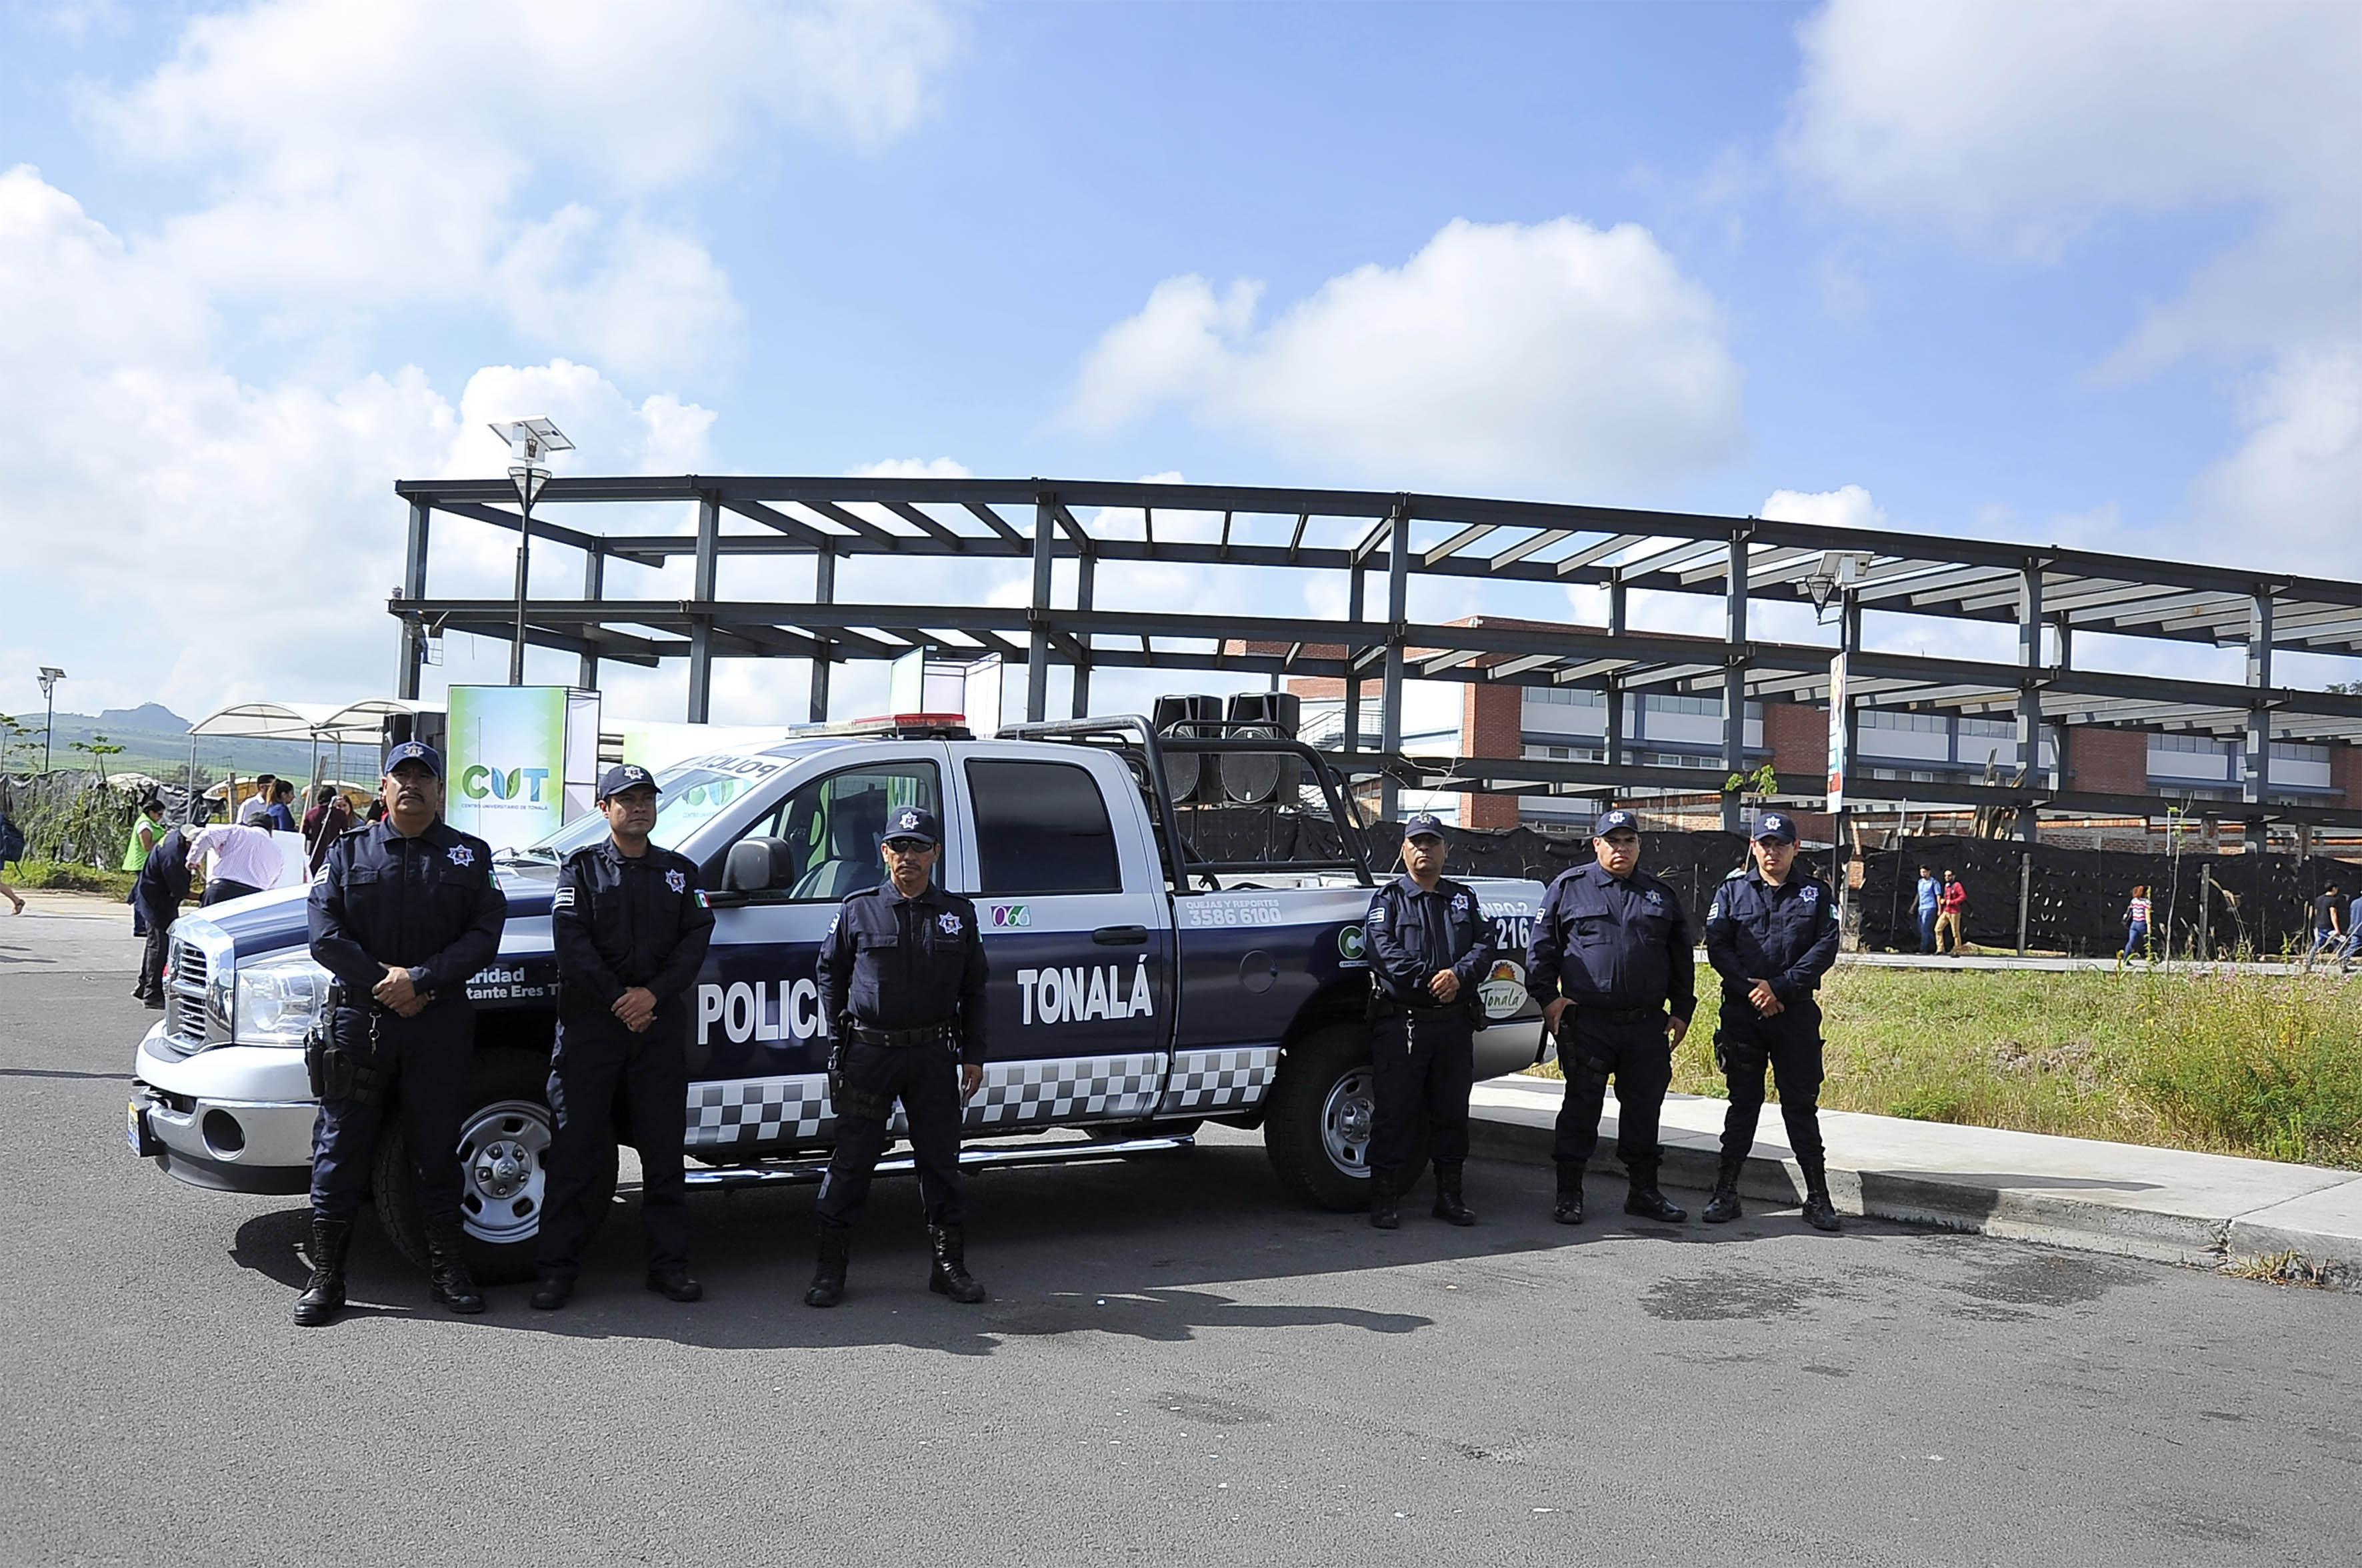 Presentación de la patrulla y 6 elementos de seguridad, que custodiarán al centro universitario y zonas aledañas.